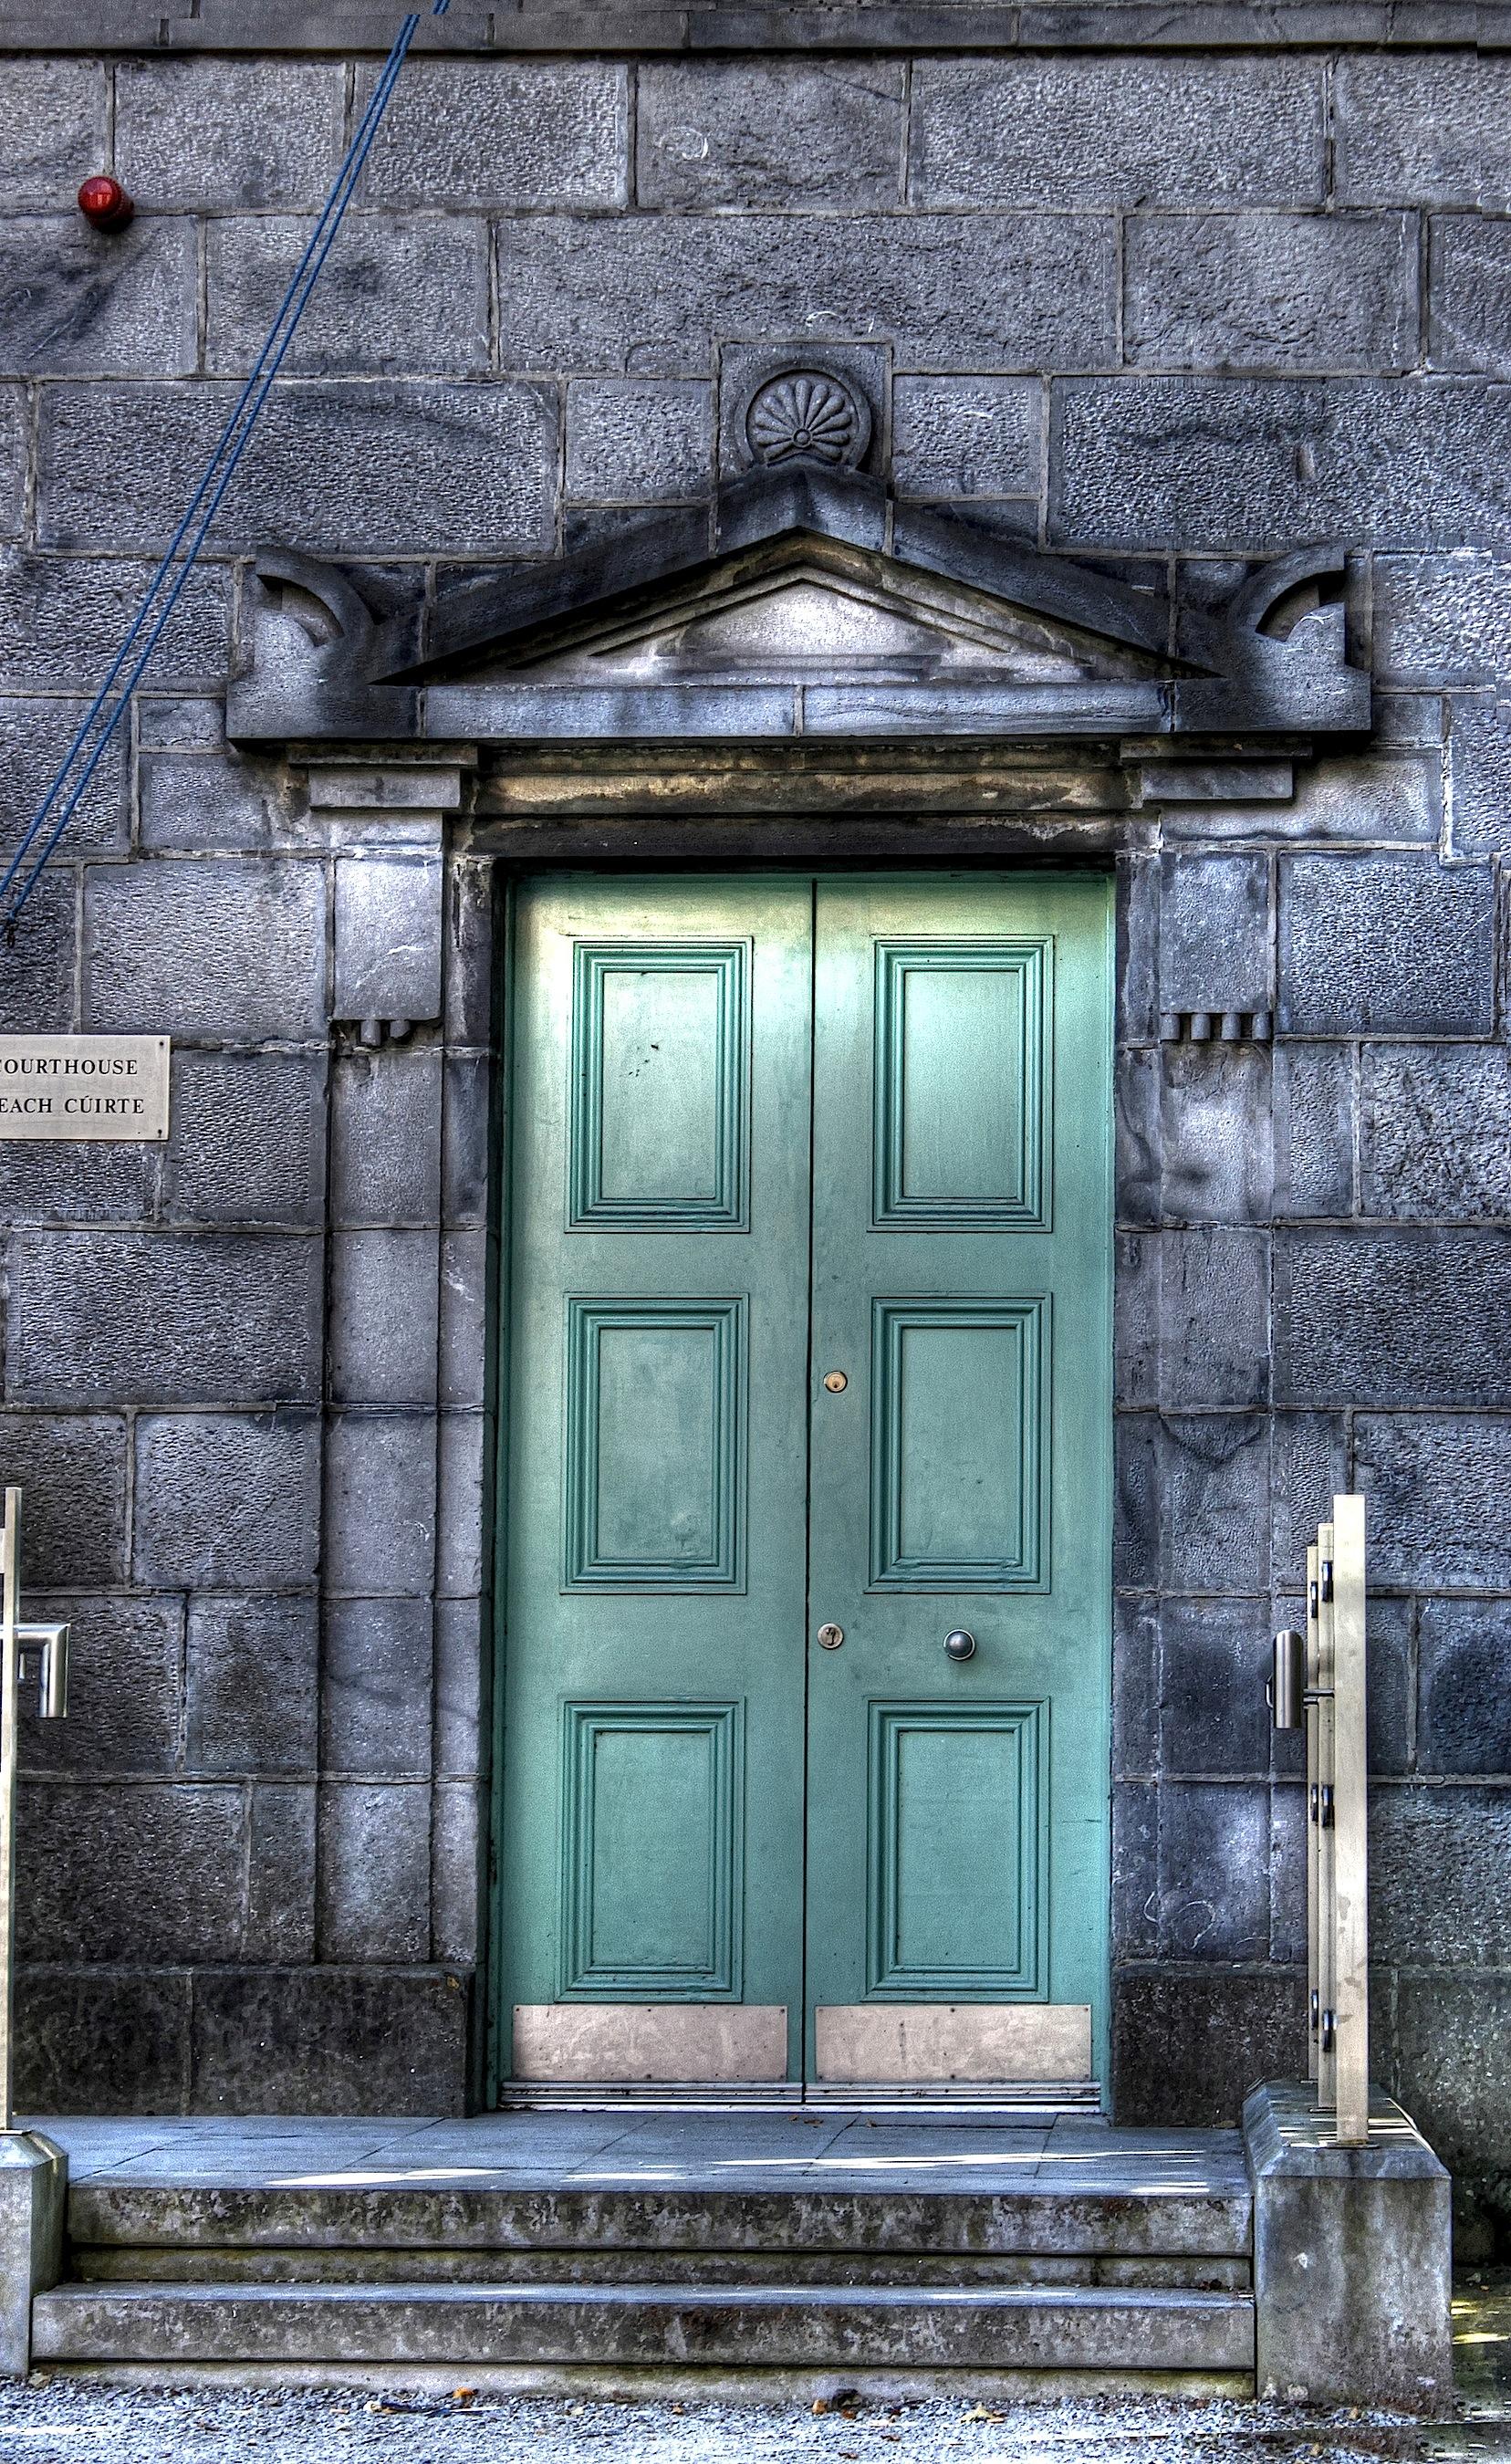 FileTurquoise door (8058175400) (2).jpg & File:Turquoise door (8058175400) (2).jpg - Wikimedia Commons pezcame.com